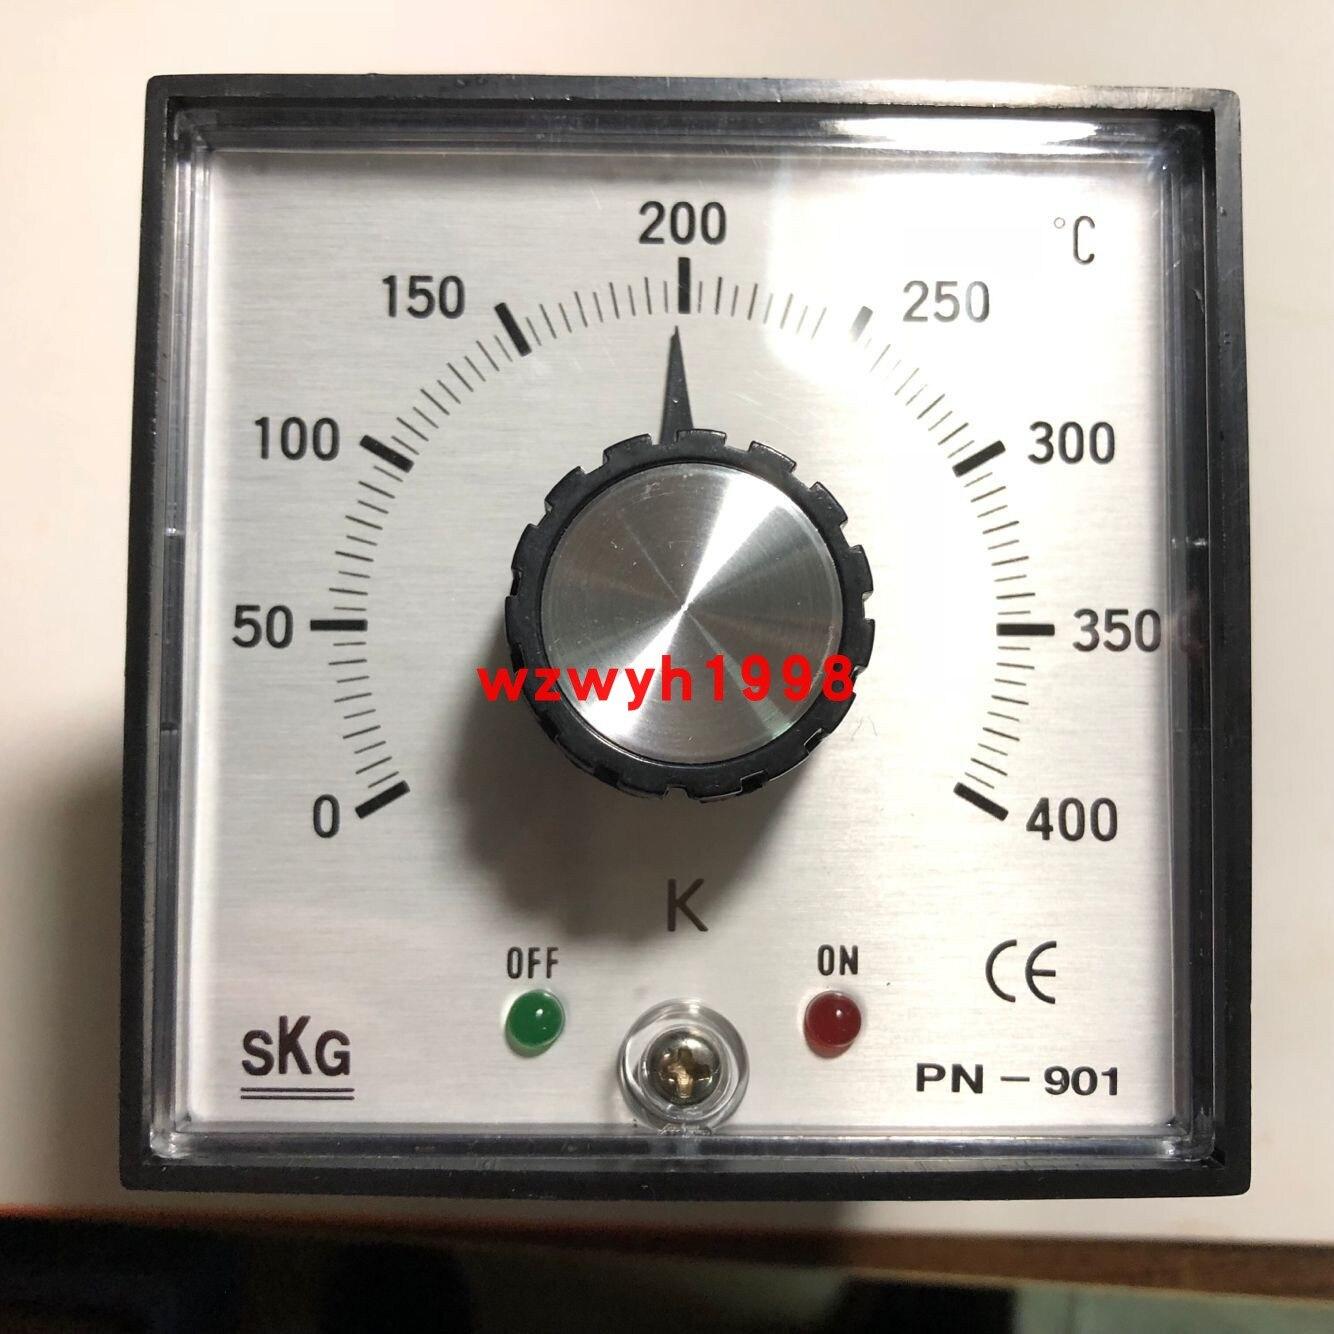 SKG مقبض التحكم في درجة الحرارة PN-901 K 400 متحكم في درجة الحرارة متحكم في درجة الحرارة SHINDEN PN-821K-R K 400